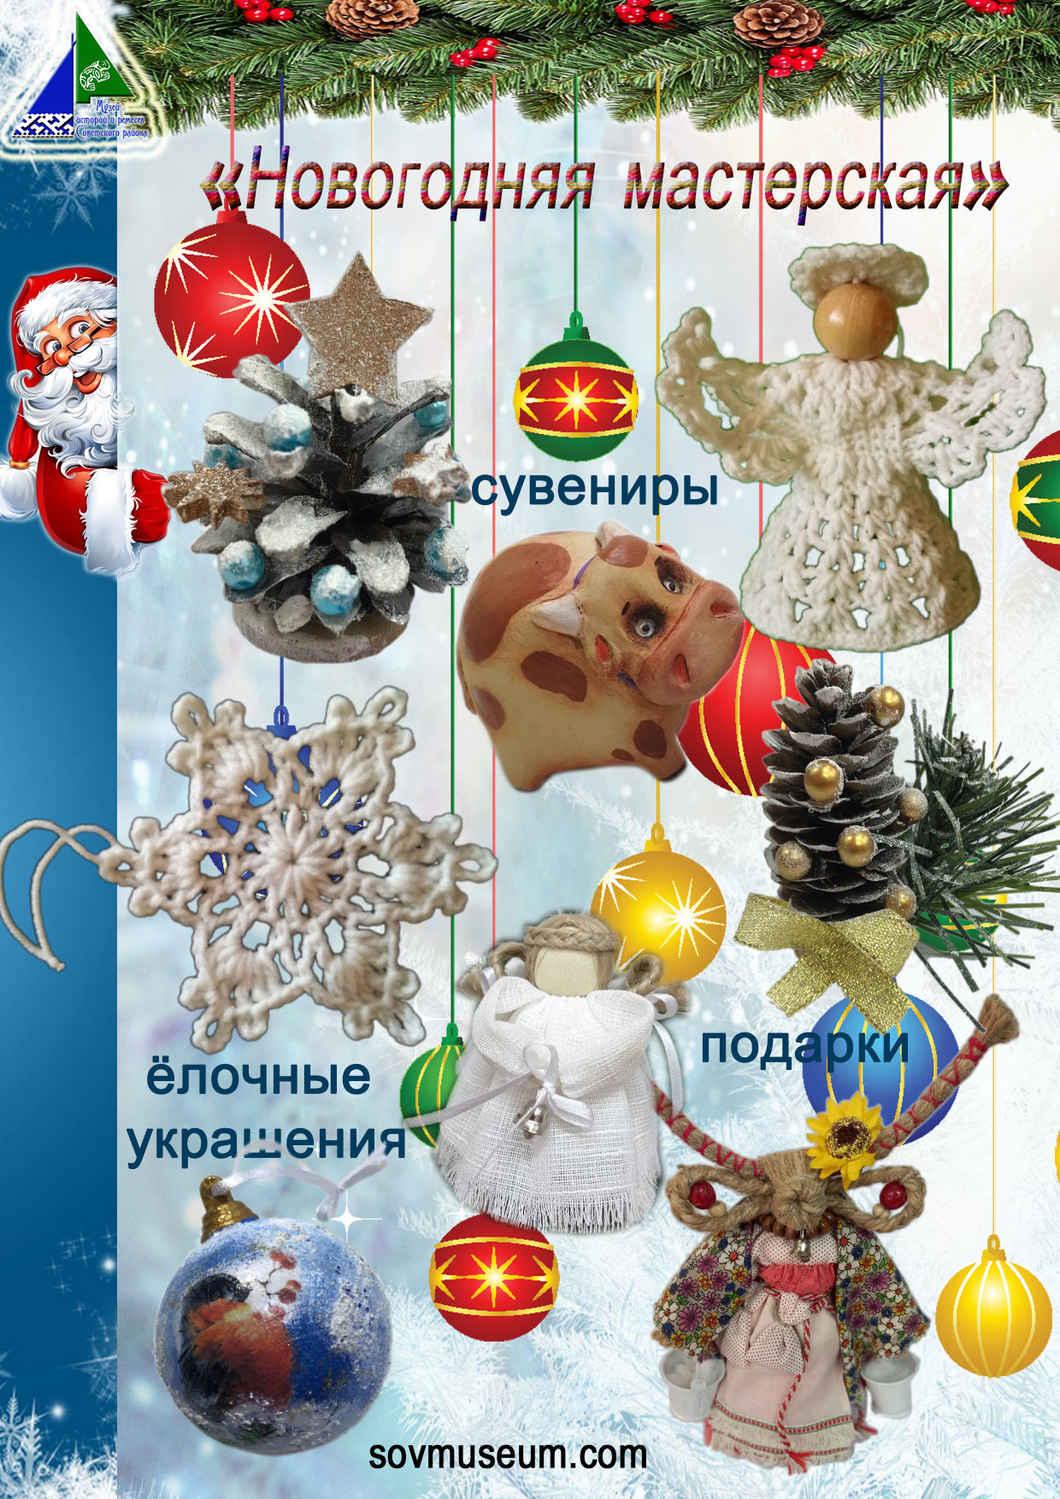 Приглашаем всех желающих в «Новогоднюю мастерскую»